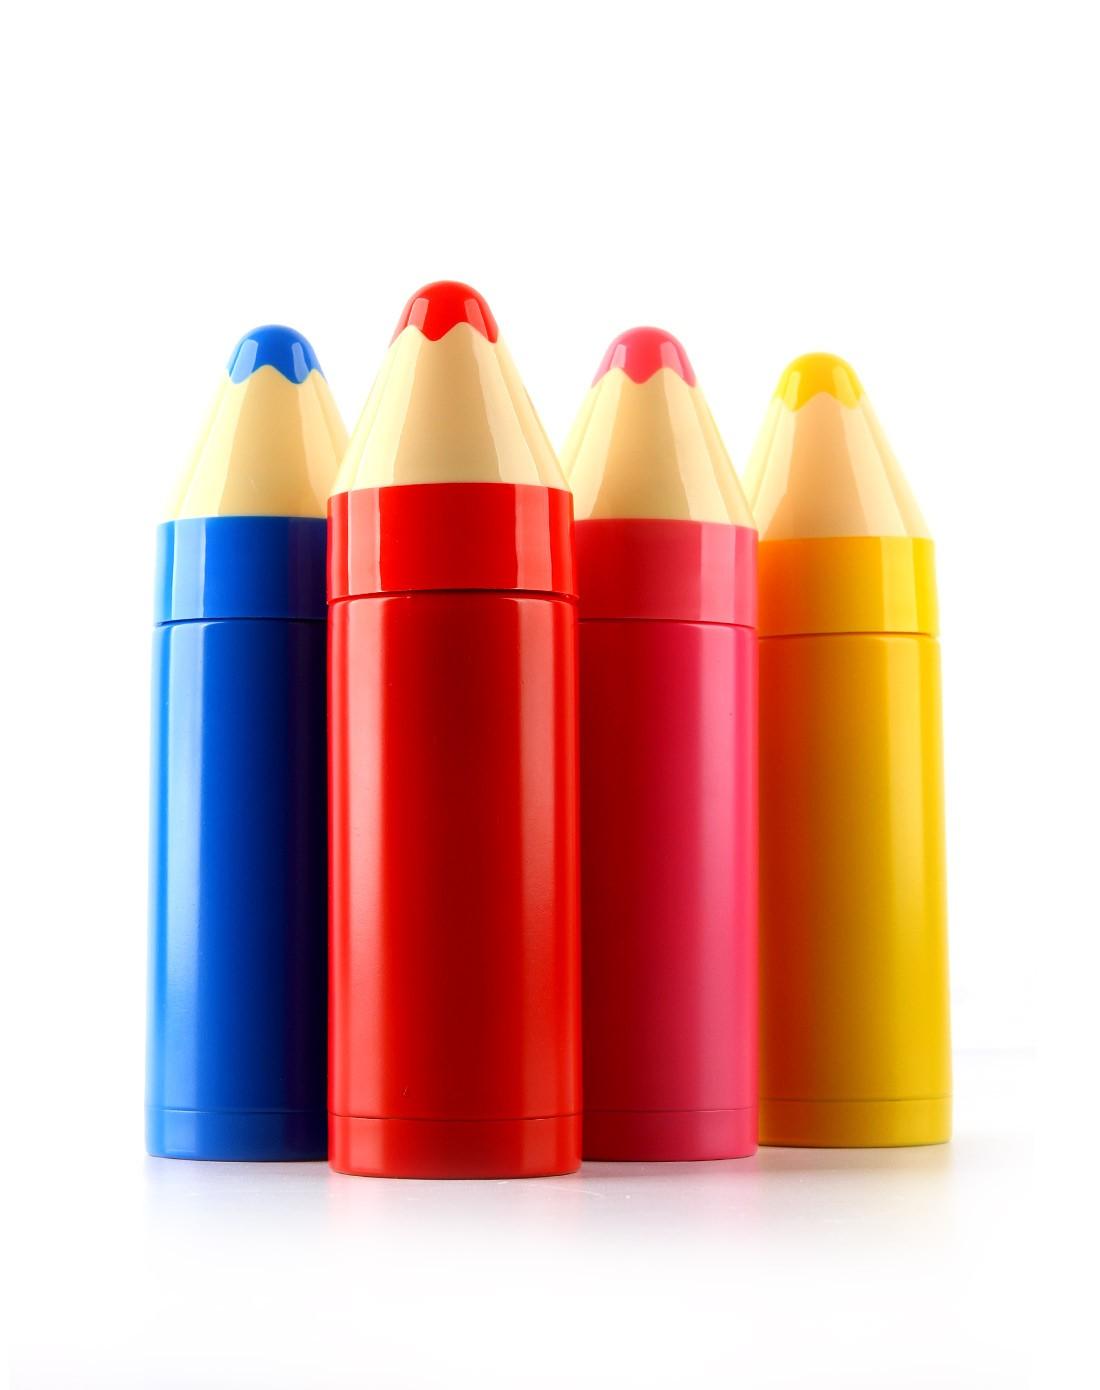 趣玩创意(黄色)可爱铅笔造型保温杯45830